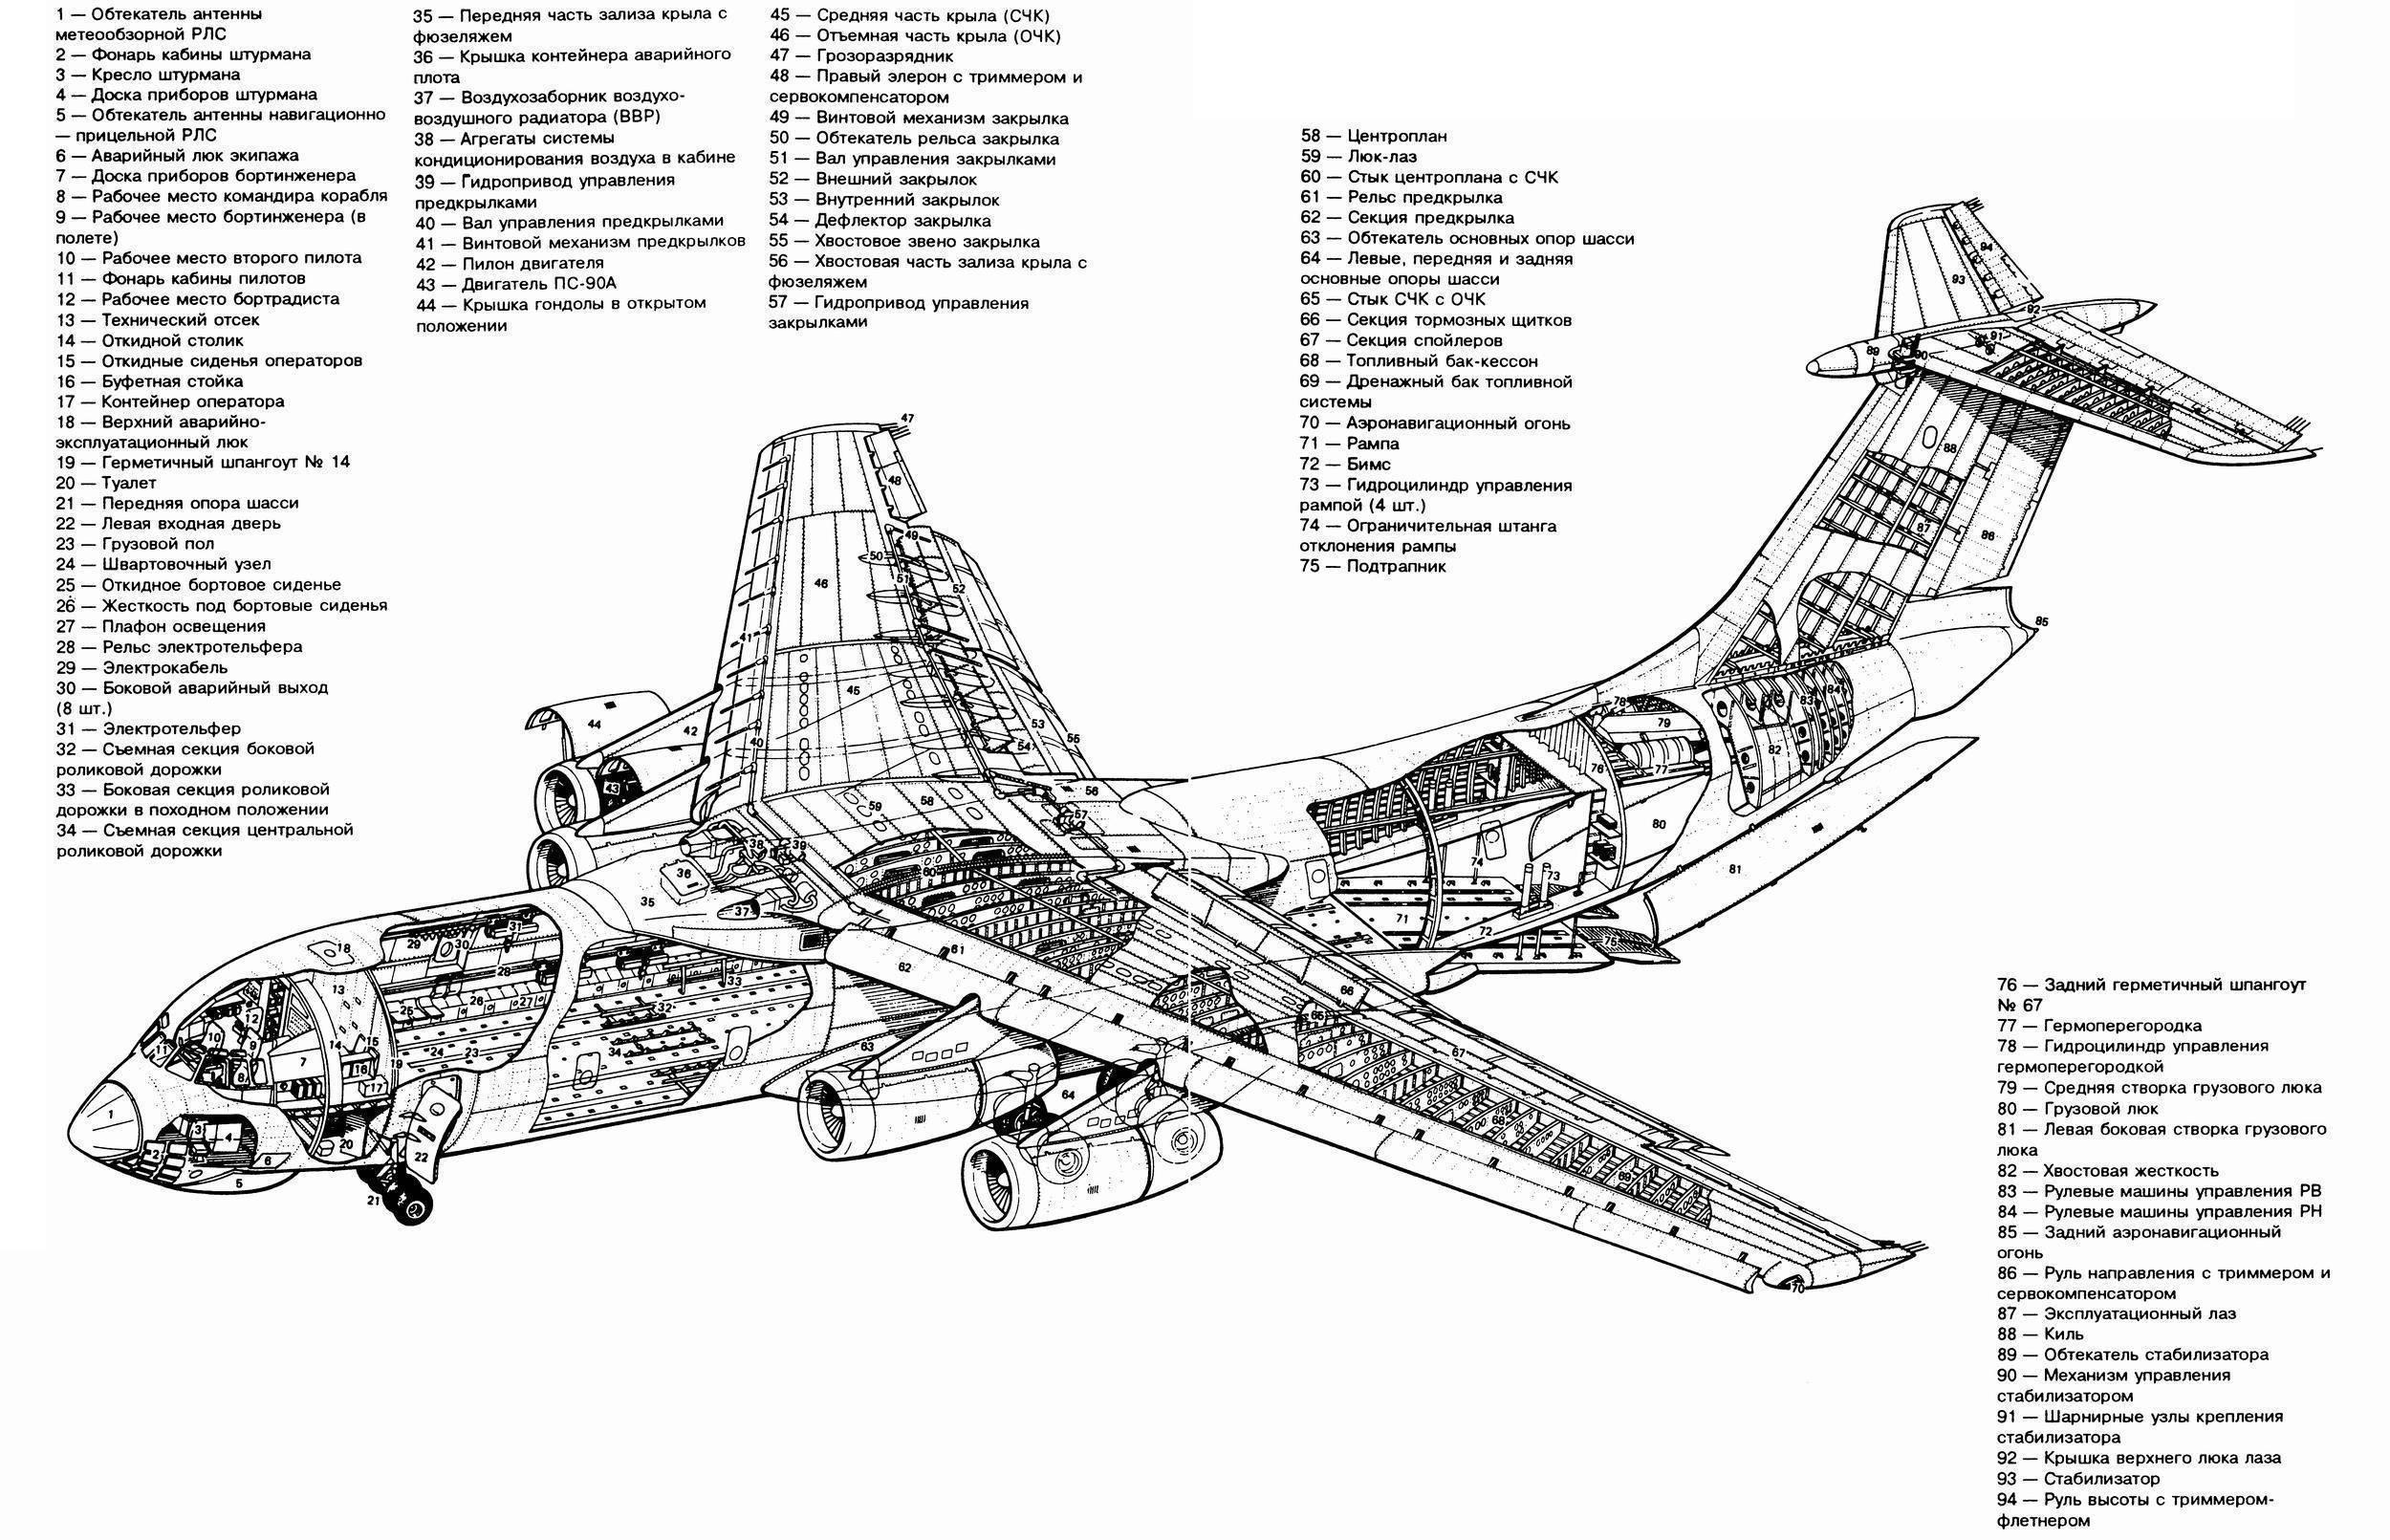 Самолет ан-8: догоняя американские транспортники